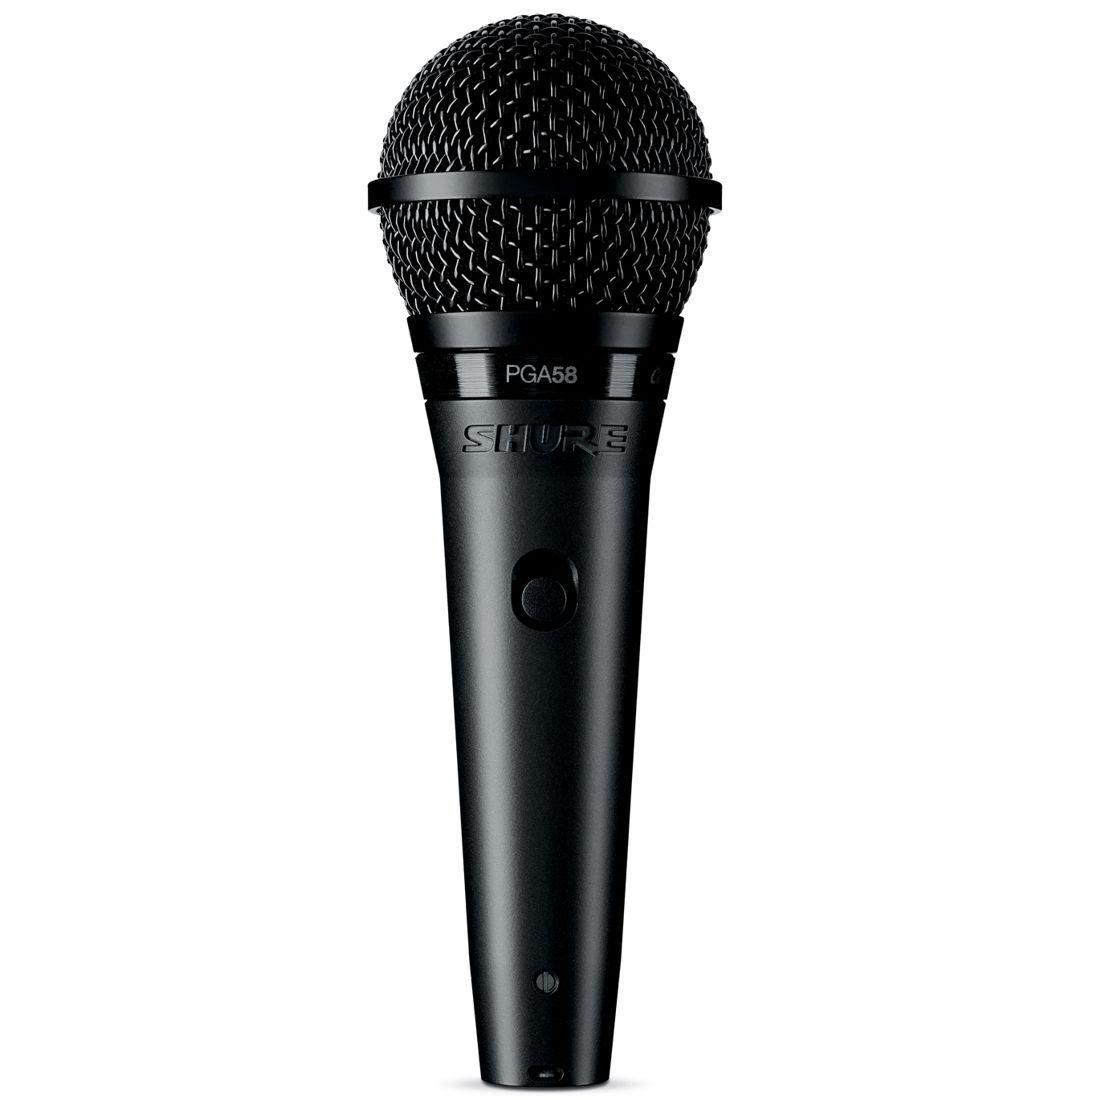 Microfone Shure Dinâmico Cardioide para VOZ Principal e Backing com Chave LIGA/DESLIGA - PGA58-LC